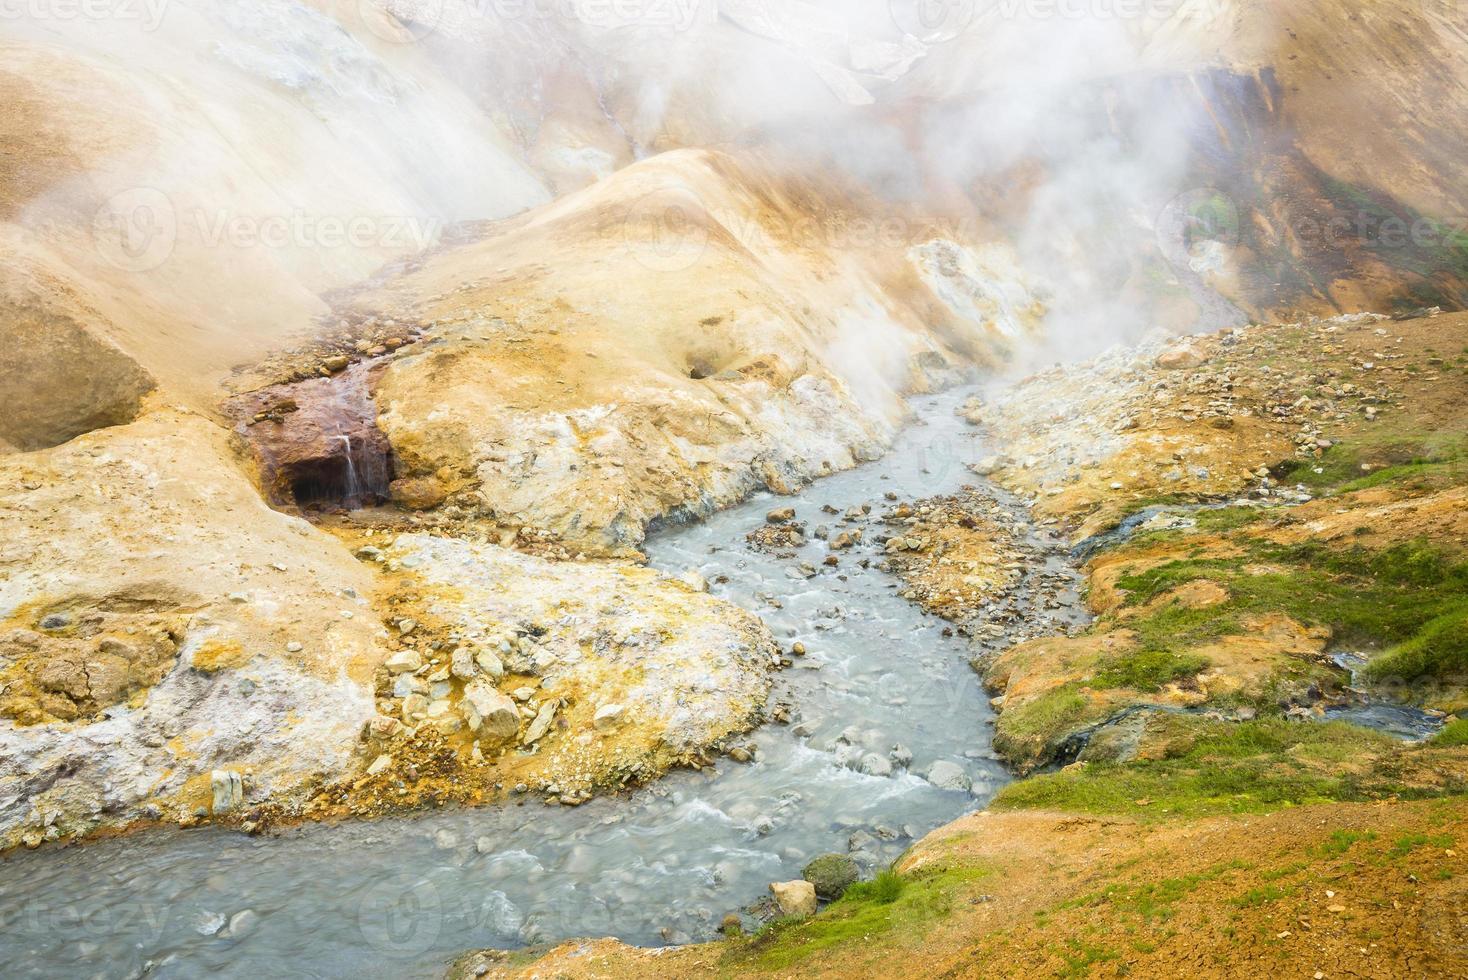 Hveradalir, valle de aguas termales en el área de Kerlingarfjoll, Islandia foto